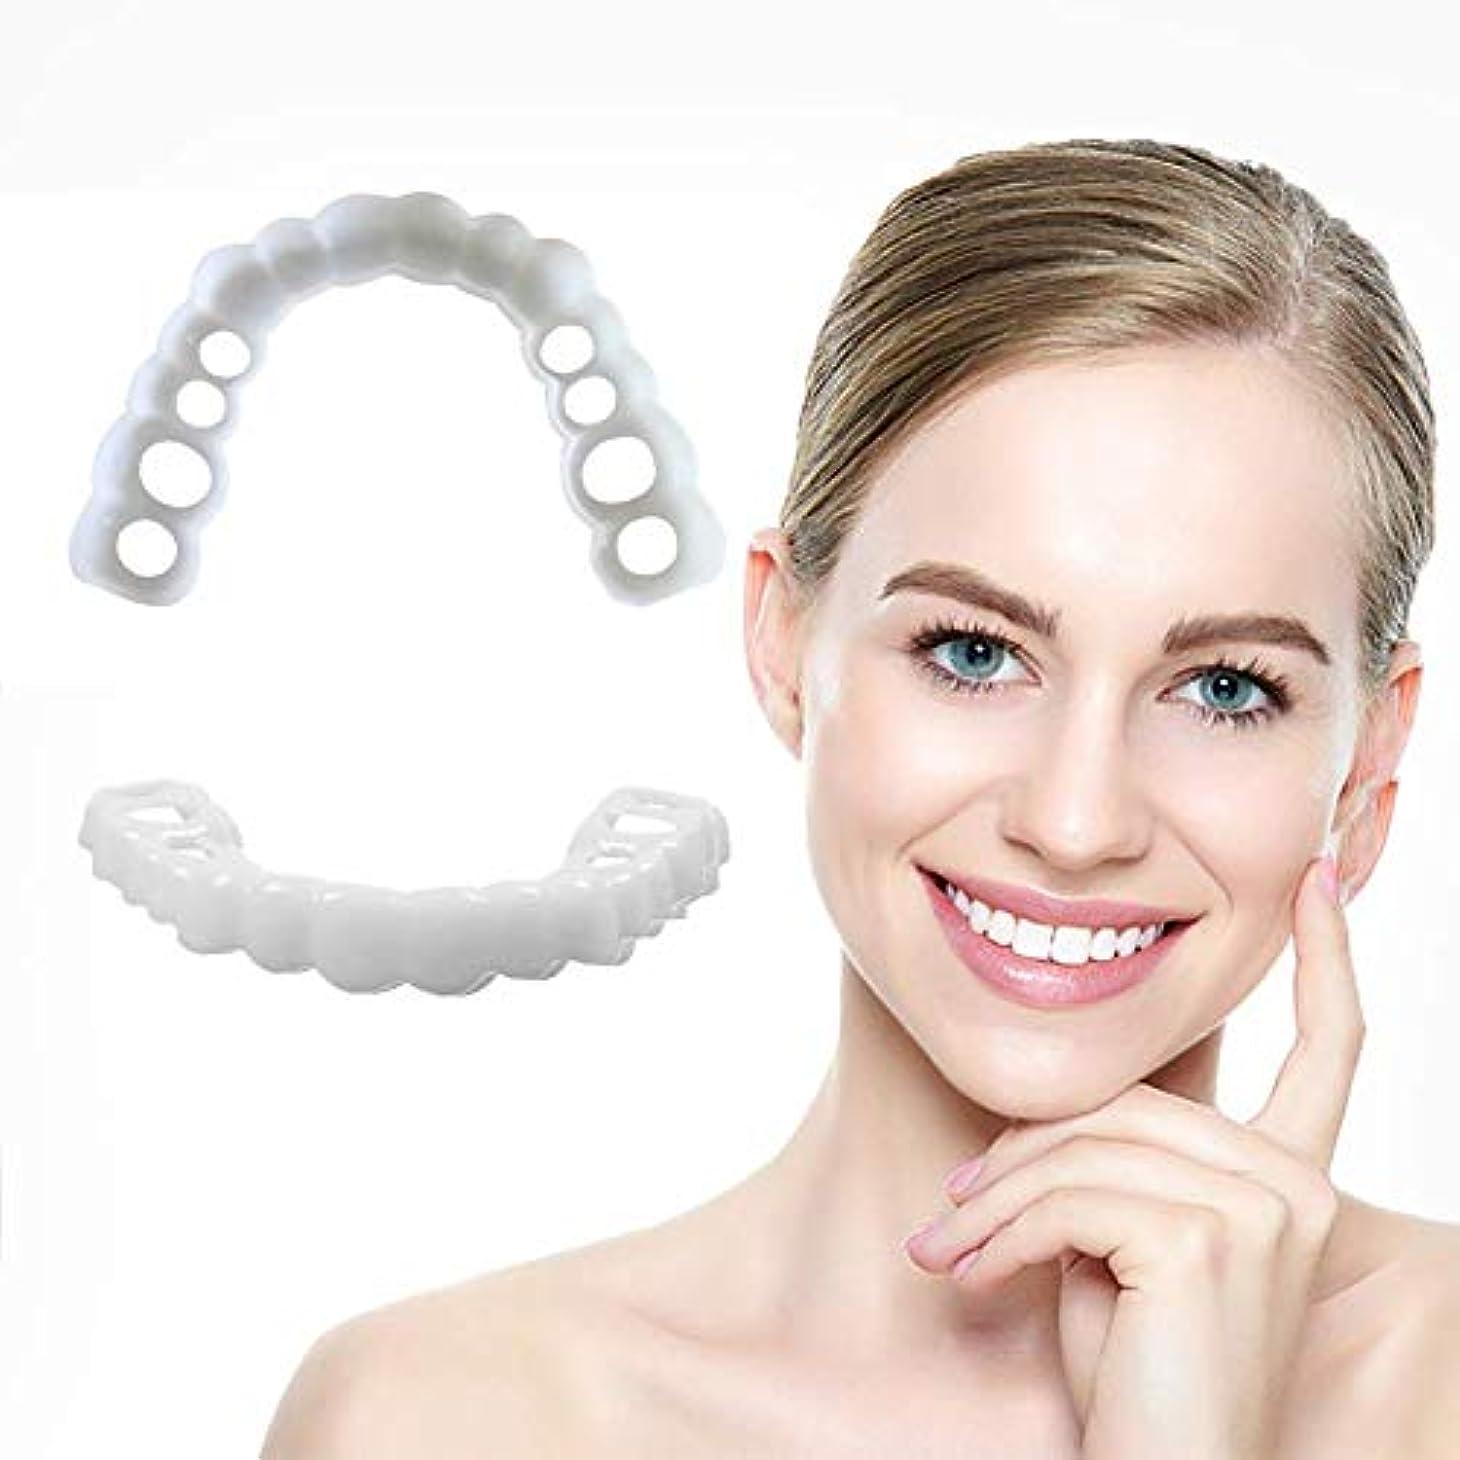 目を覚ます存在する理論的上歯下歯シミュレーションブレースホワイトニングセット第2世代シリカゲルシミュレーション歯義歯,5Set